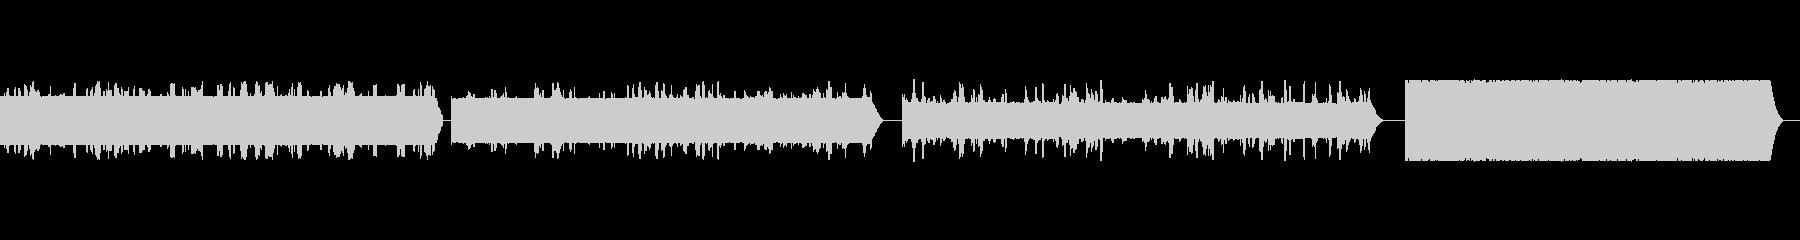 蜂、電子、ノイズ、乱れ、SCI F...の未再生の波形